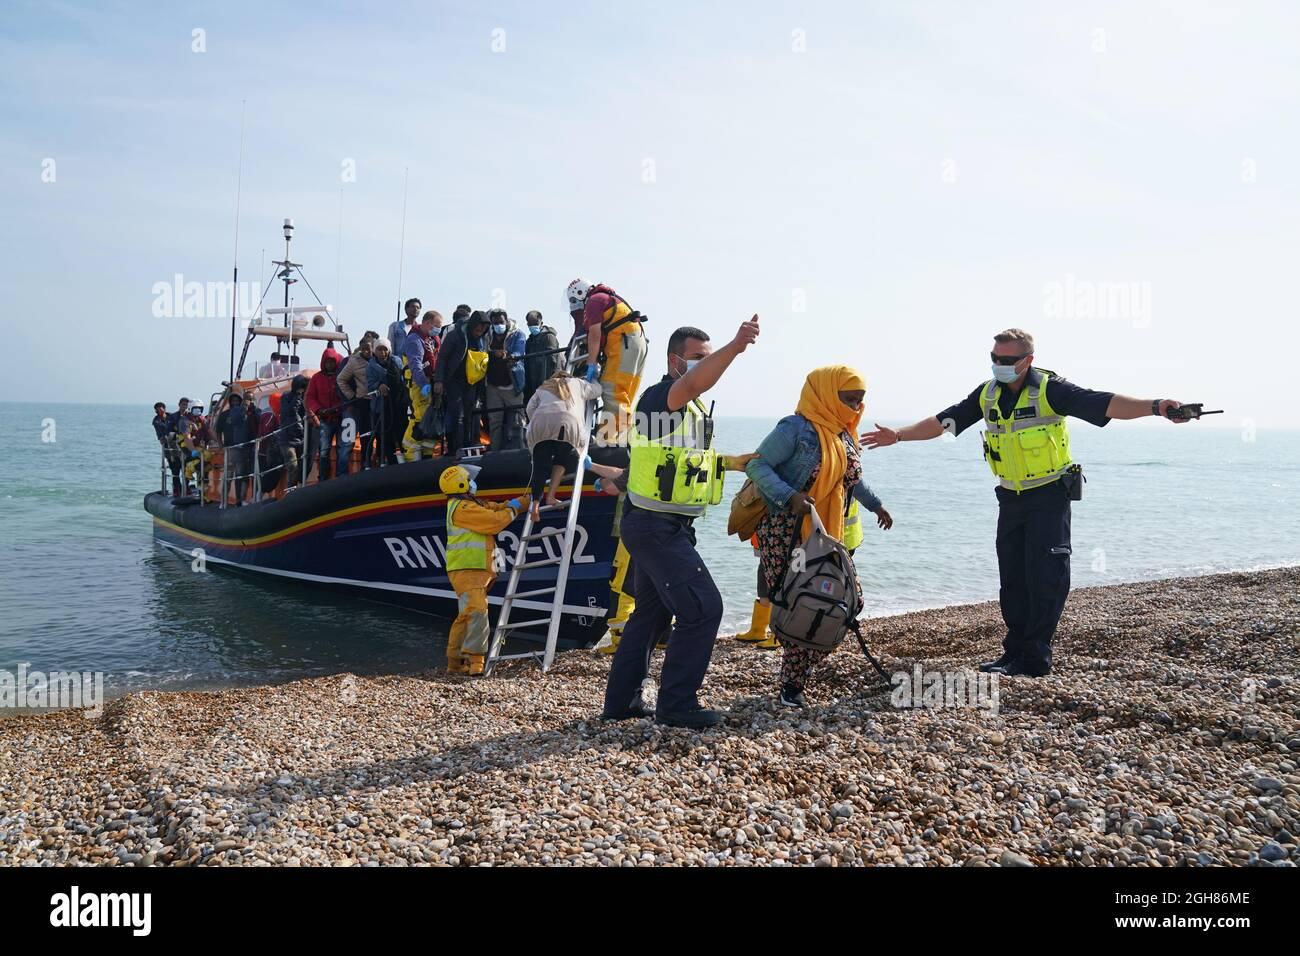 Eine Gruppe von Menschen, die als Migranten gelten, wird vom lokalen Rettungsboot in Dungeness in Kent an Land gebracht, nachdem sie nach einem Vorfall mit einem kleinen Boot im Kanal abgeholt wurde. Bilddatum: Montag, 6. September 2021. Stockfoto